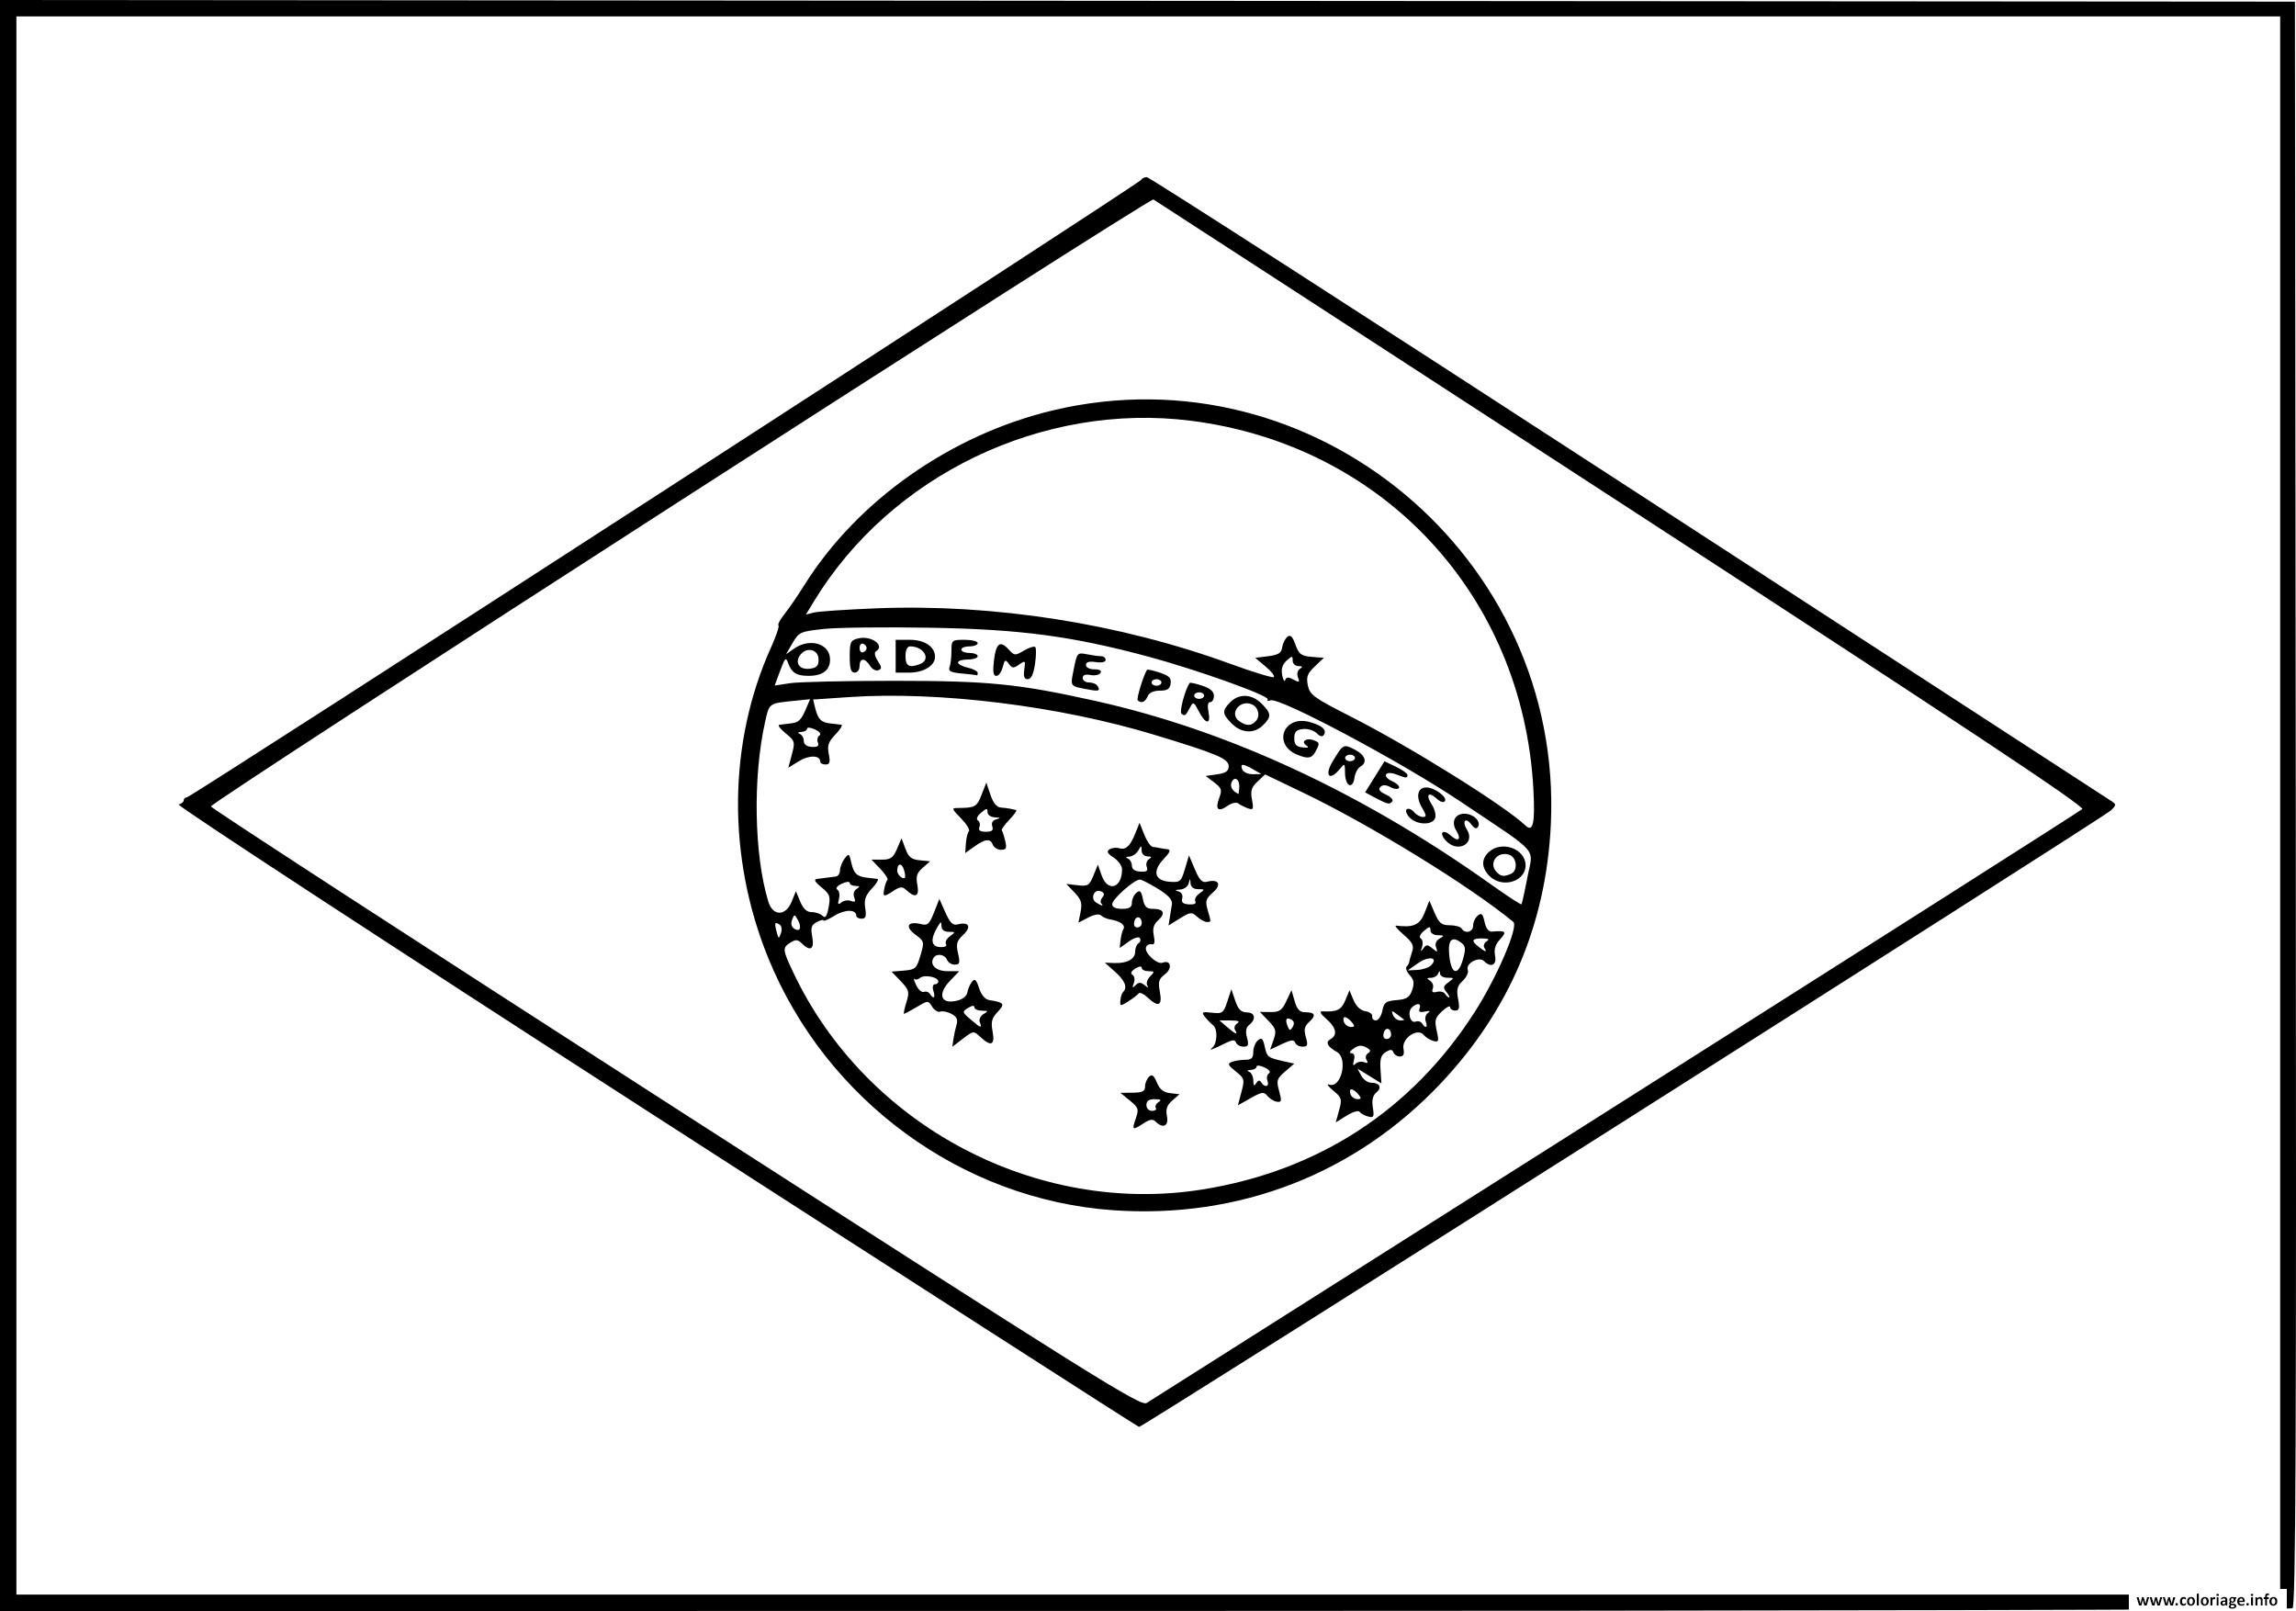 coloriage drapeau du brésil : https://coloriage.info/images/ccovers/1523895222drapeau-bresil.jpg